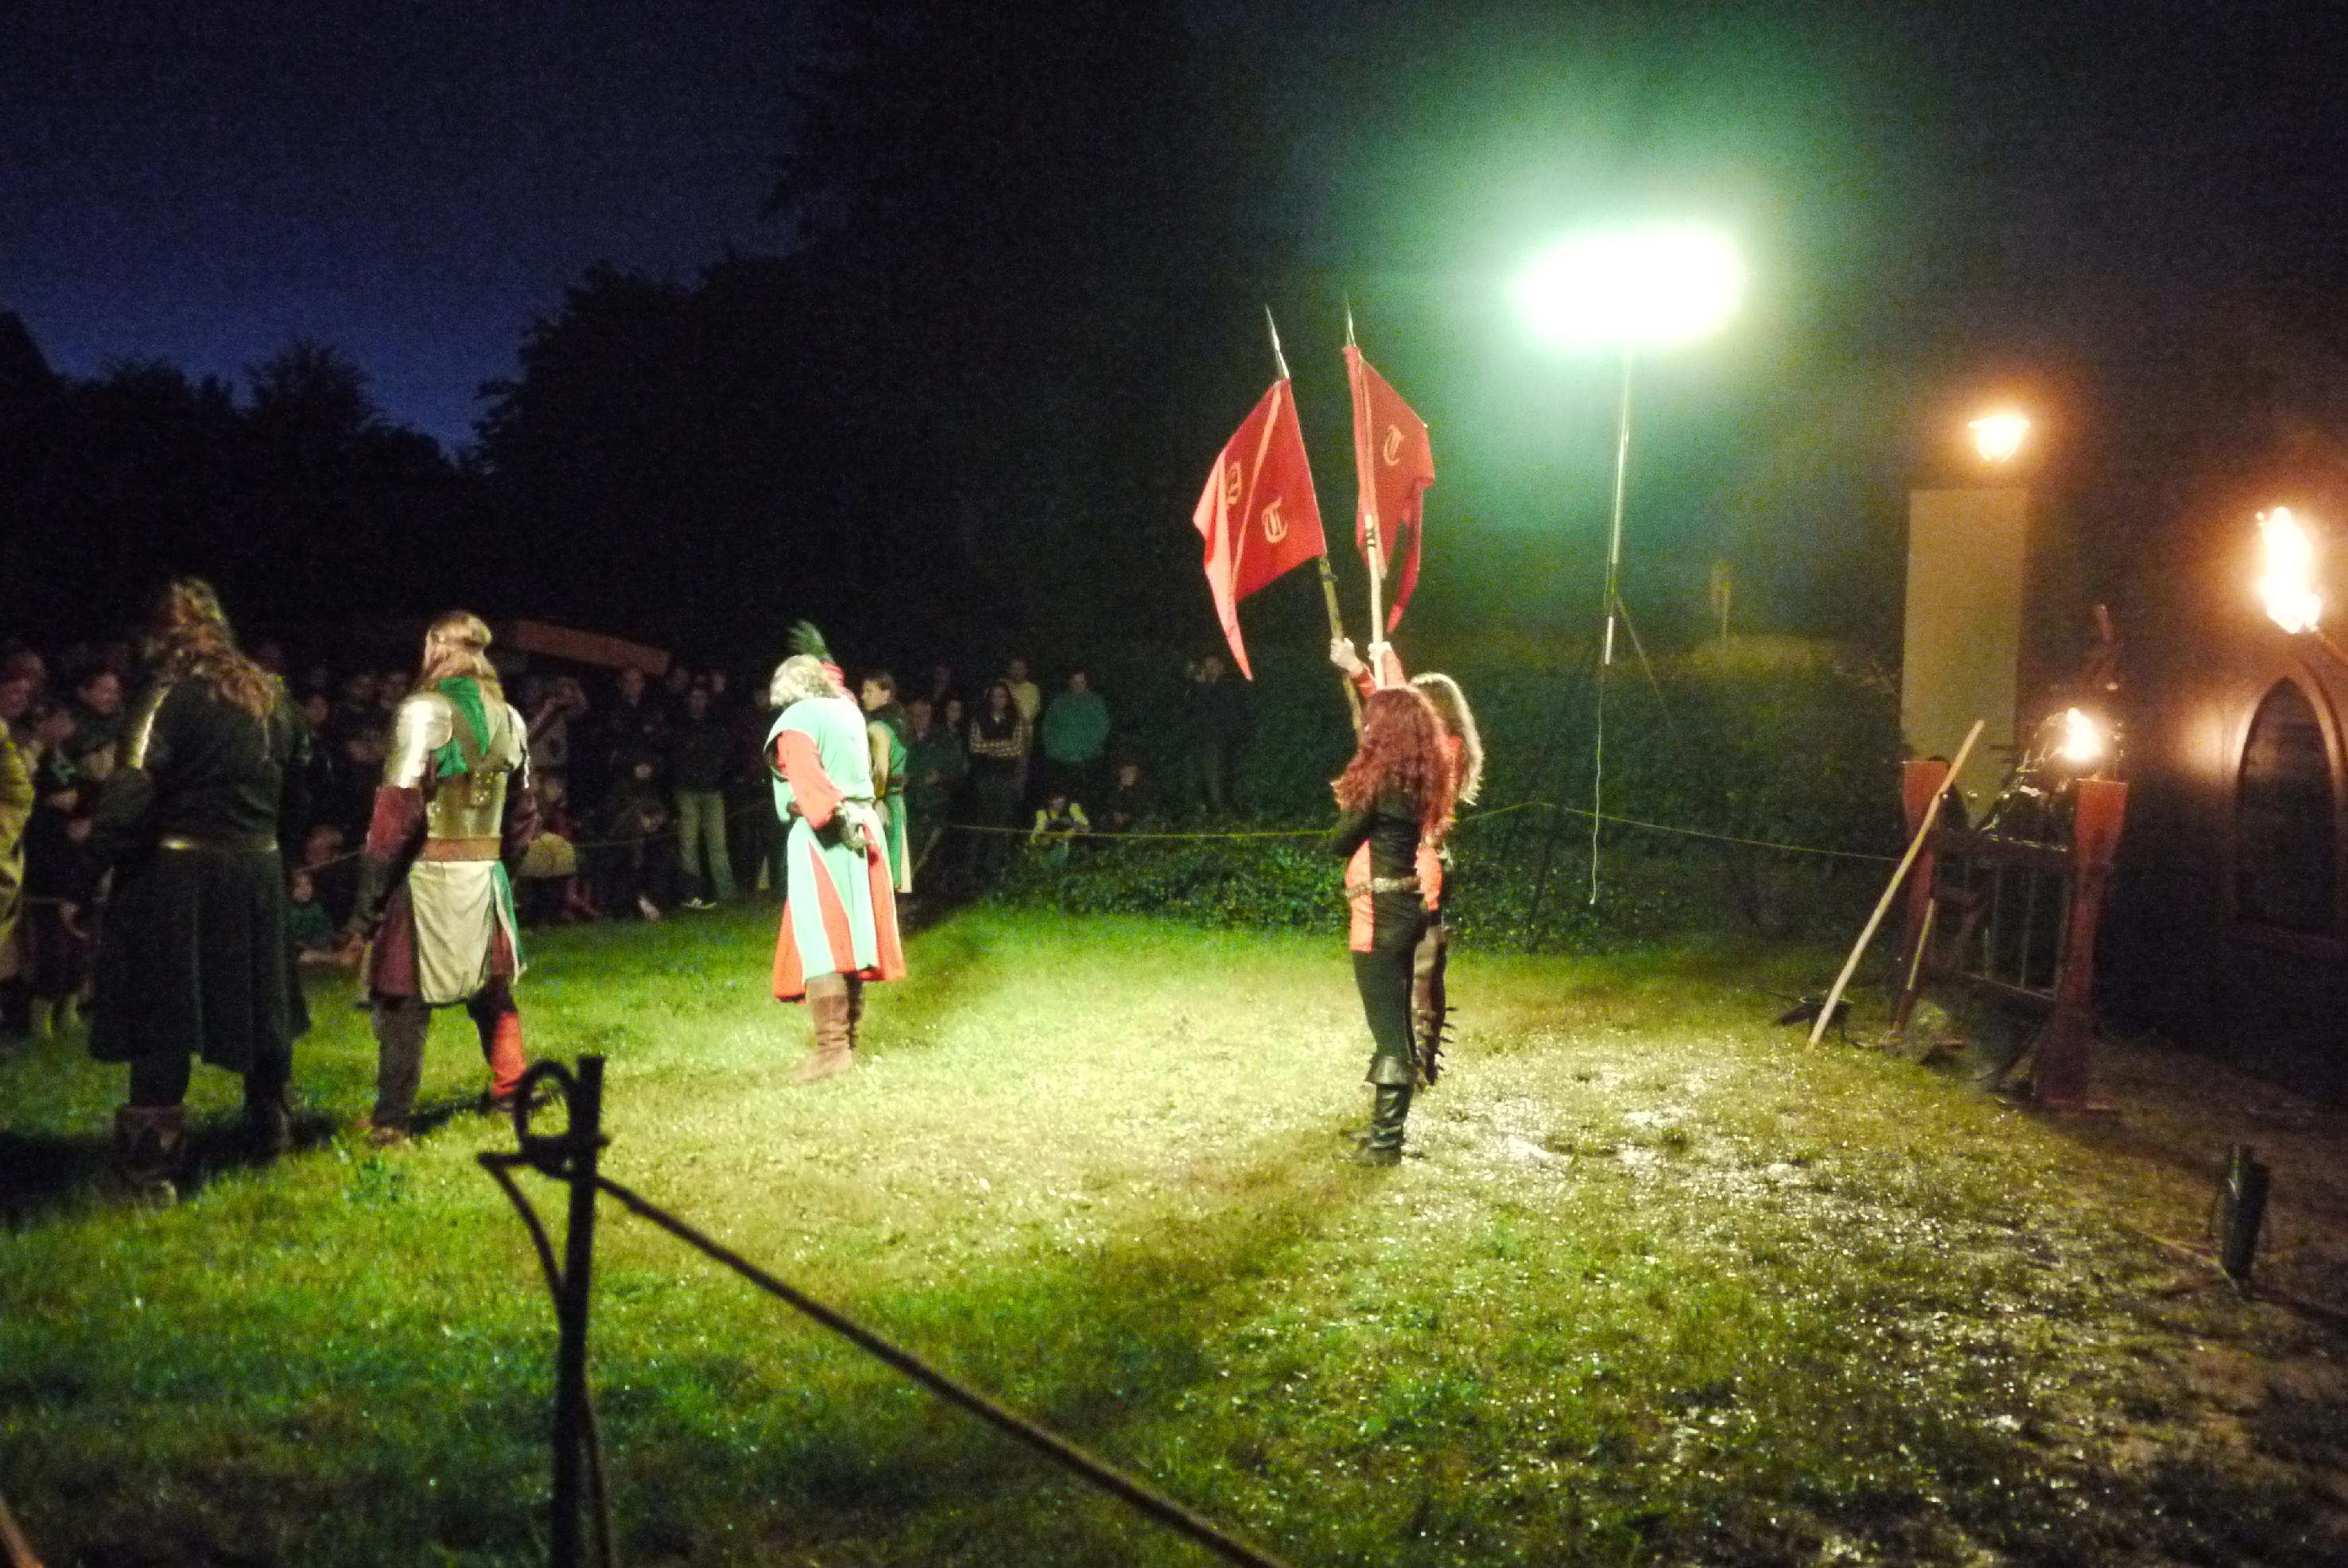 P1440241Schlossfest-Hainewalde-2016